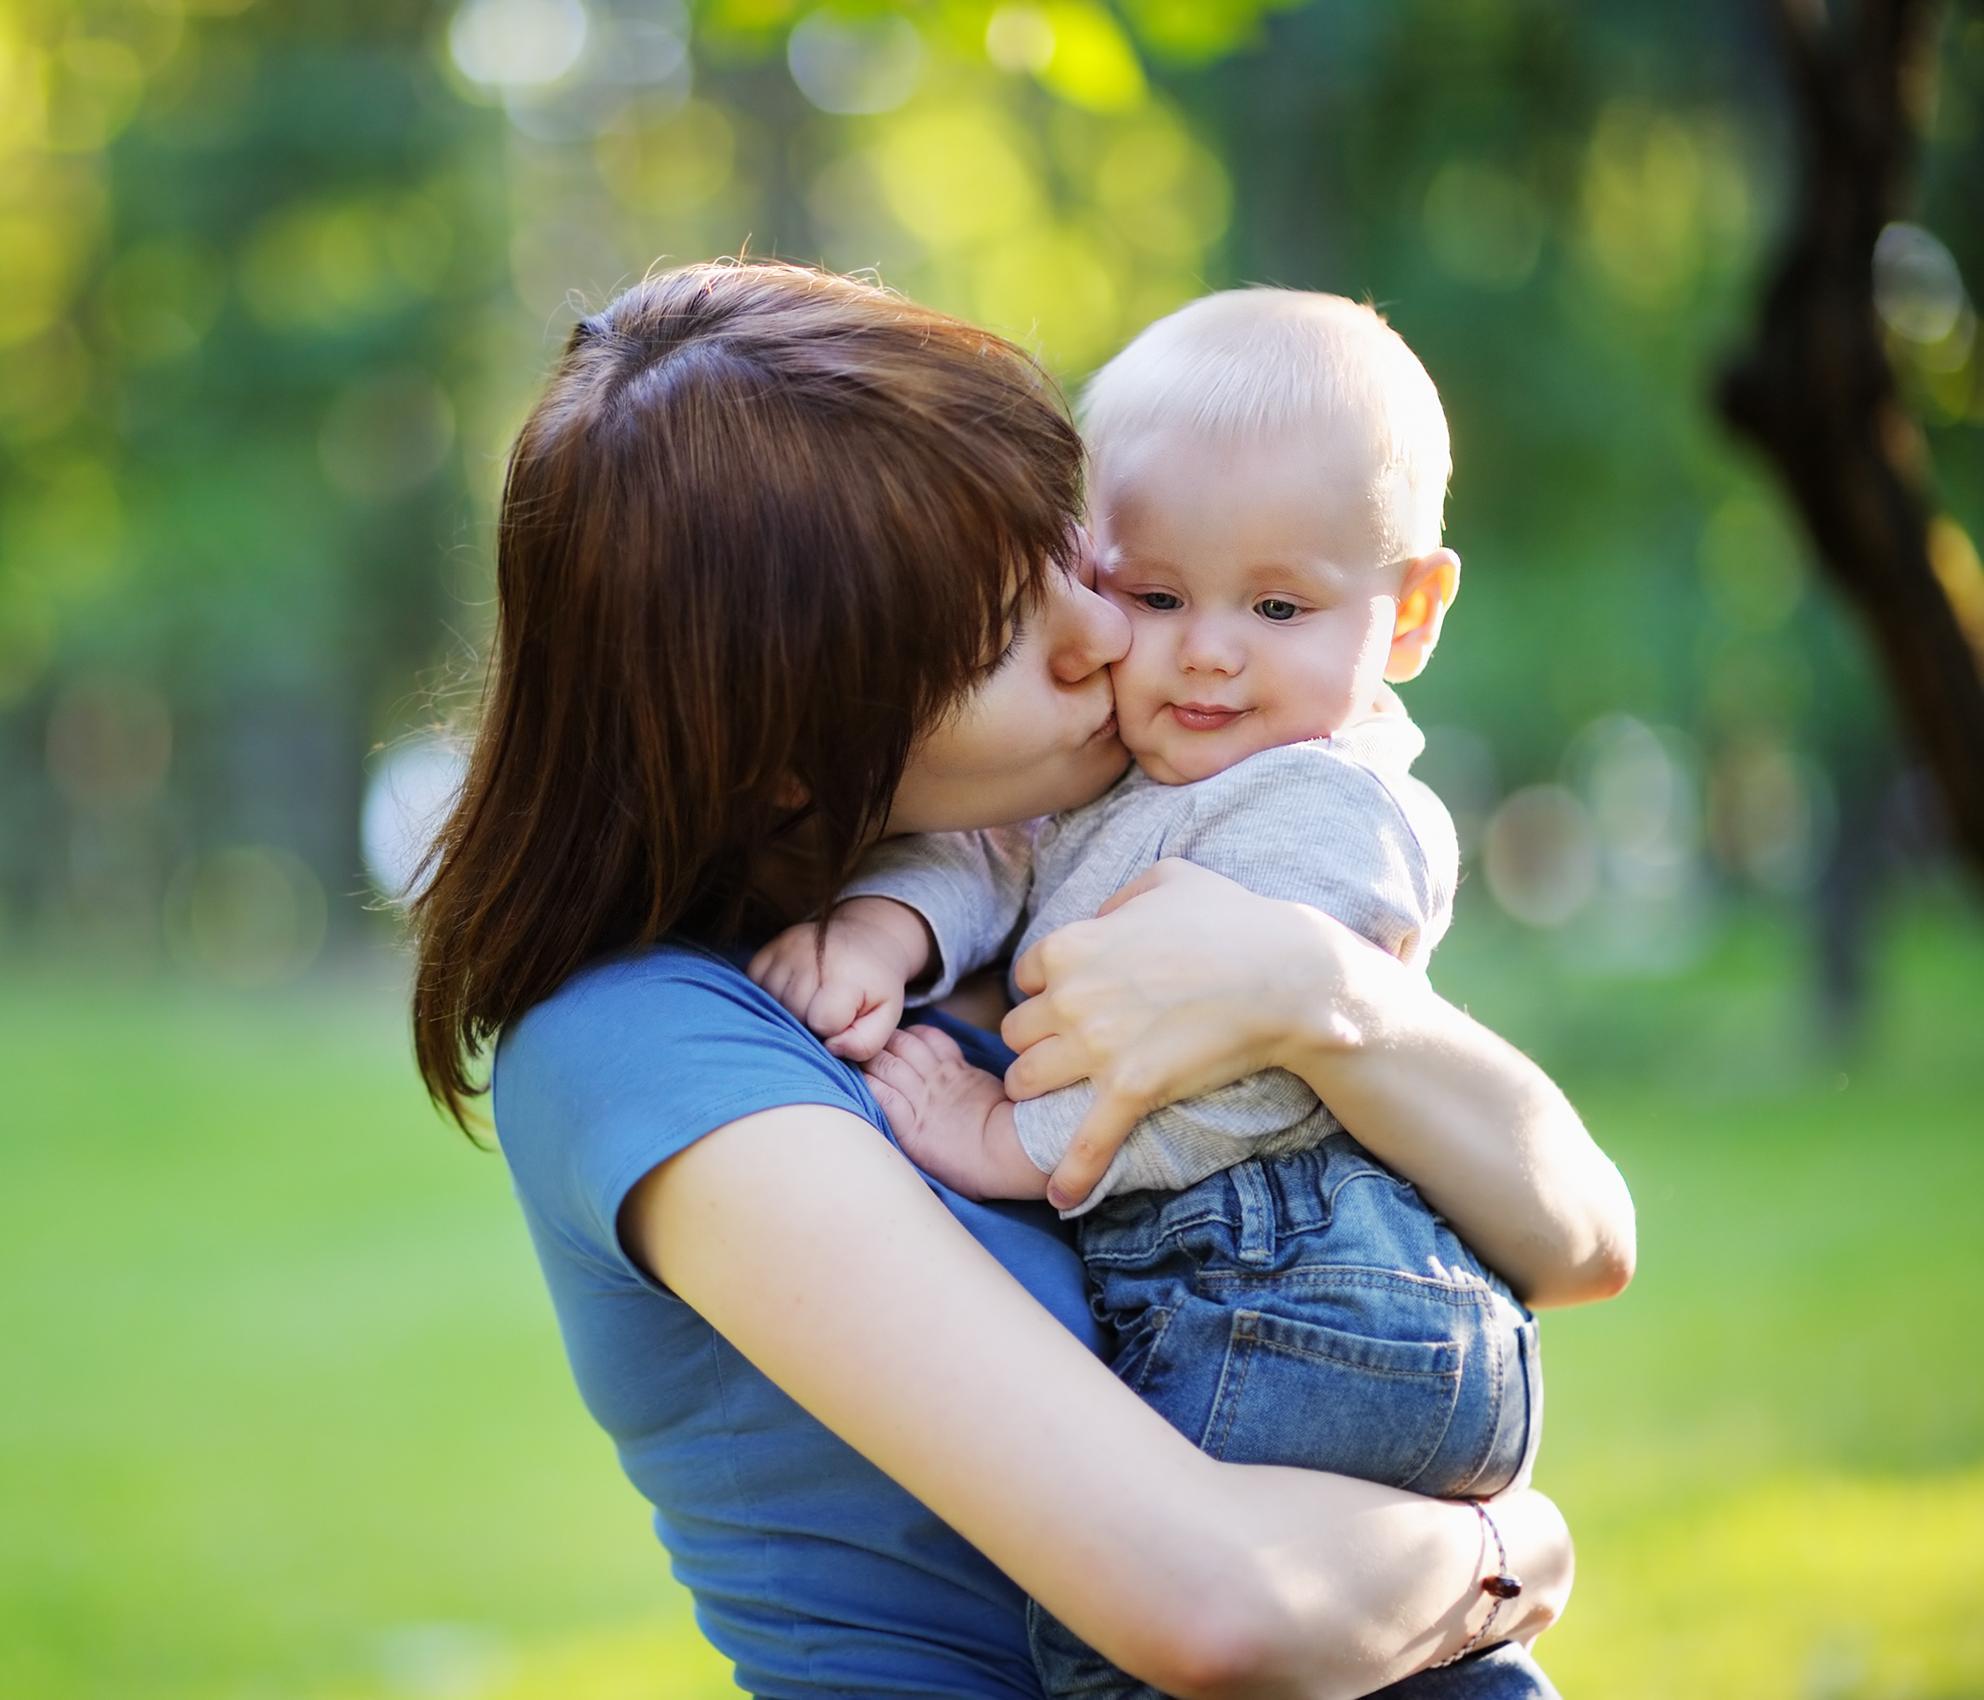 Maman qui redoute la séparation avec bébé